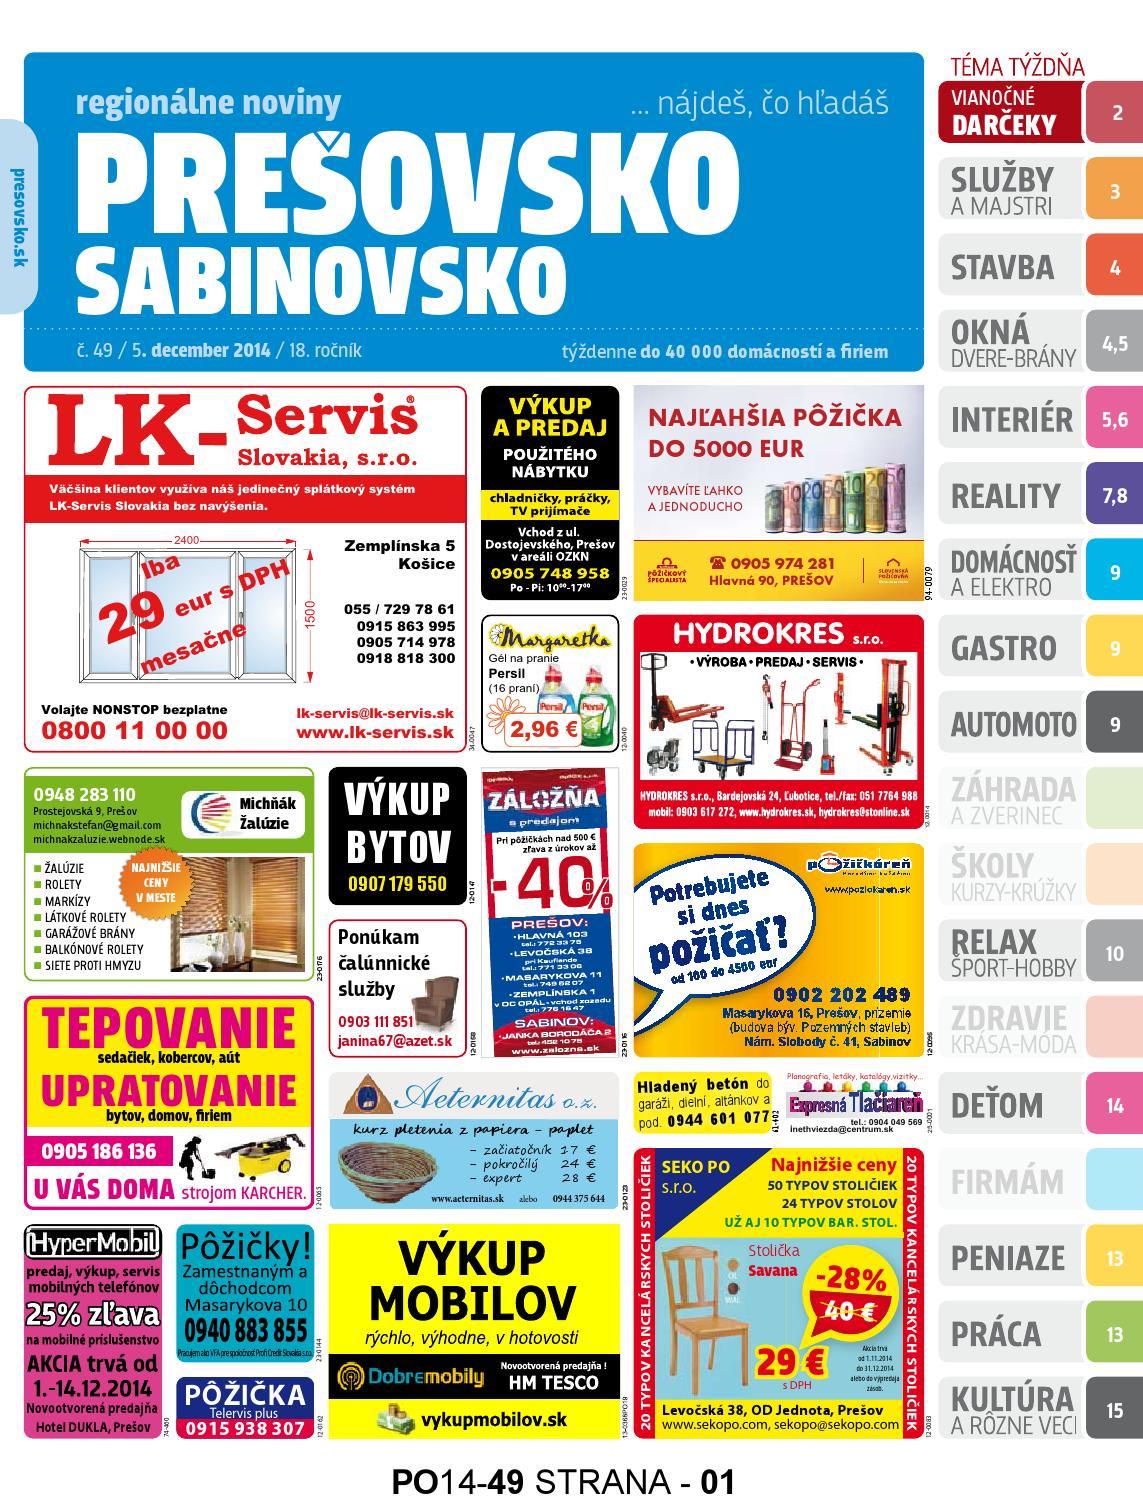 f326894ac Presovsko c. 49/2014 by presovsko presovsko - issuu